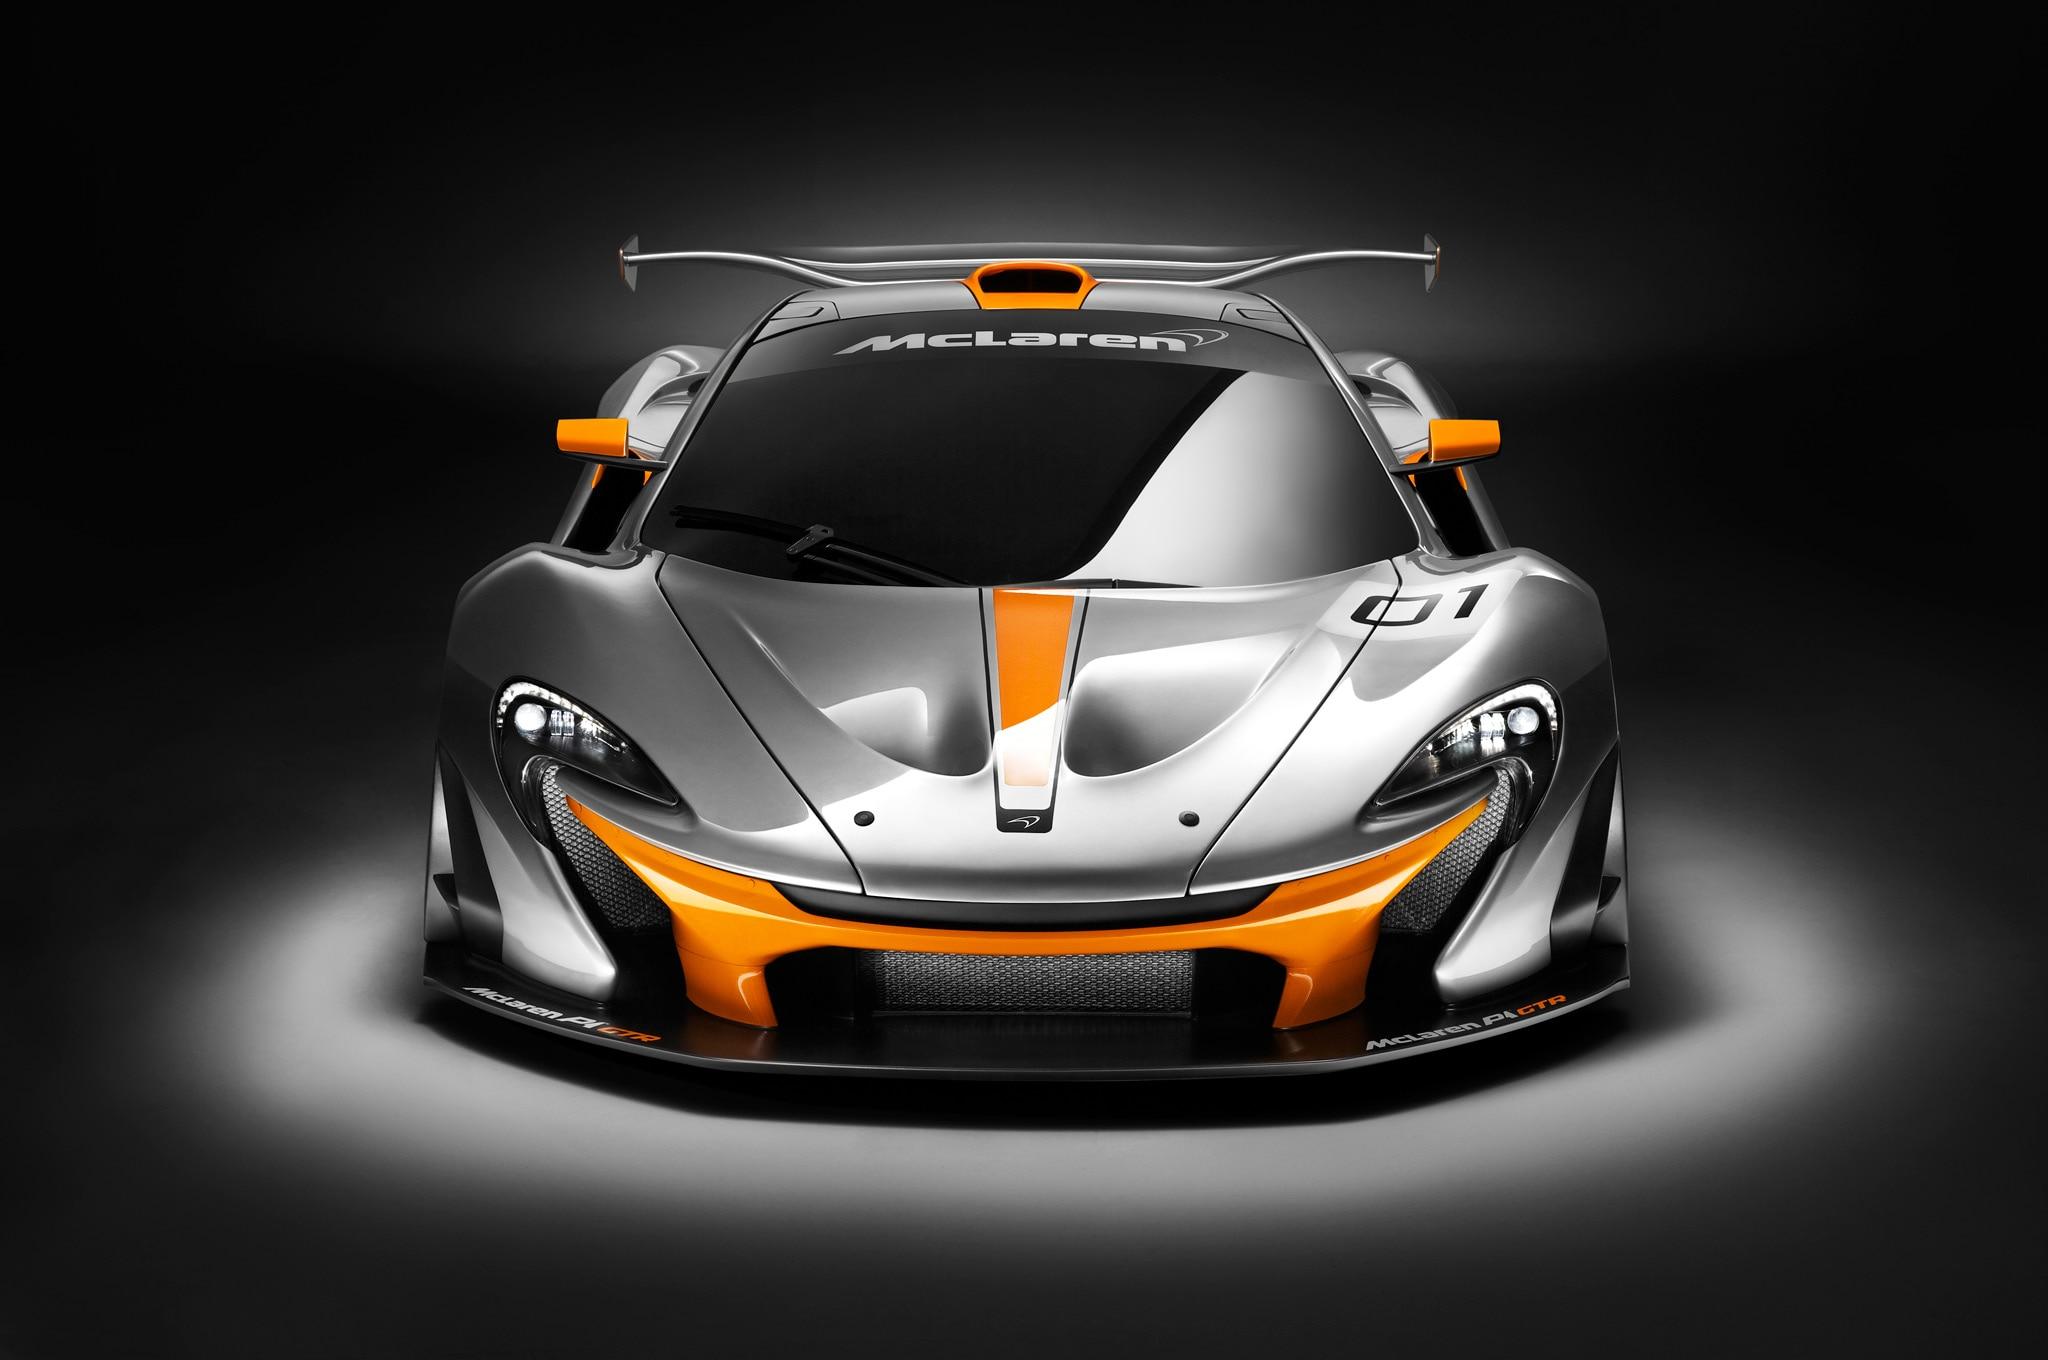 McLaren P1 GTR Front View